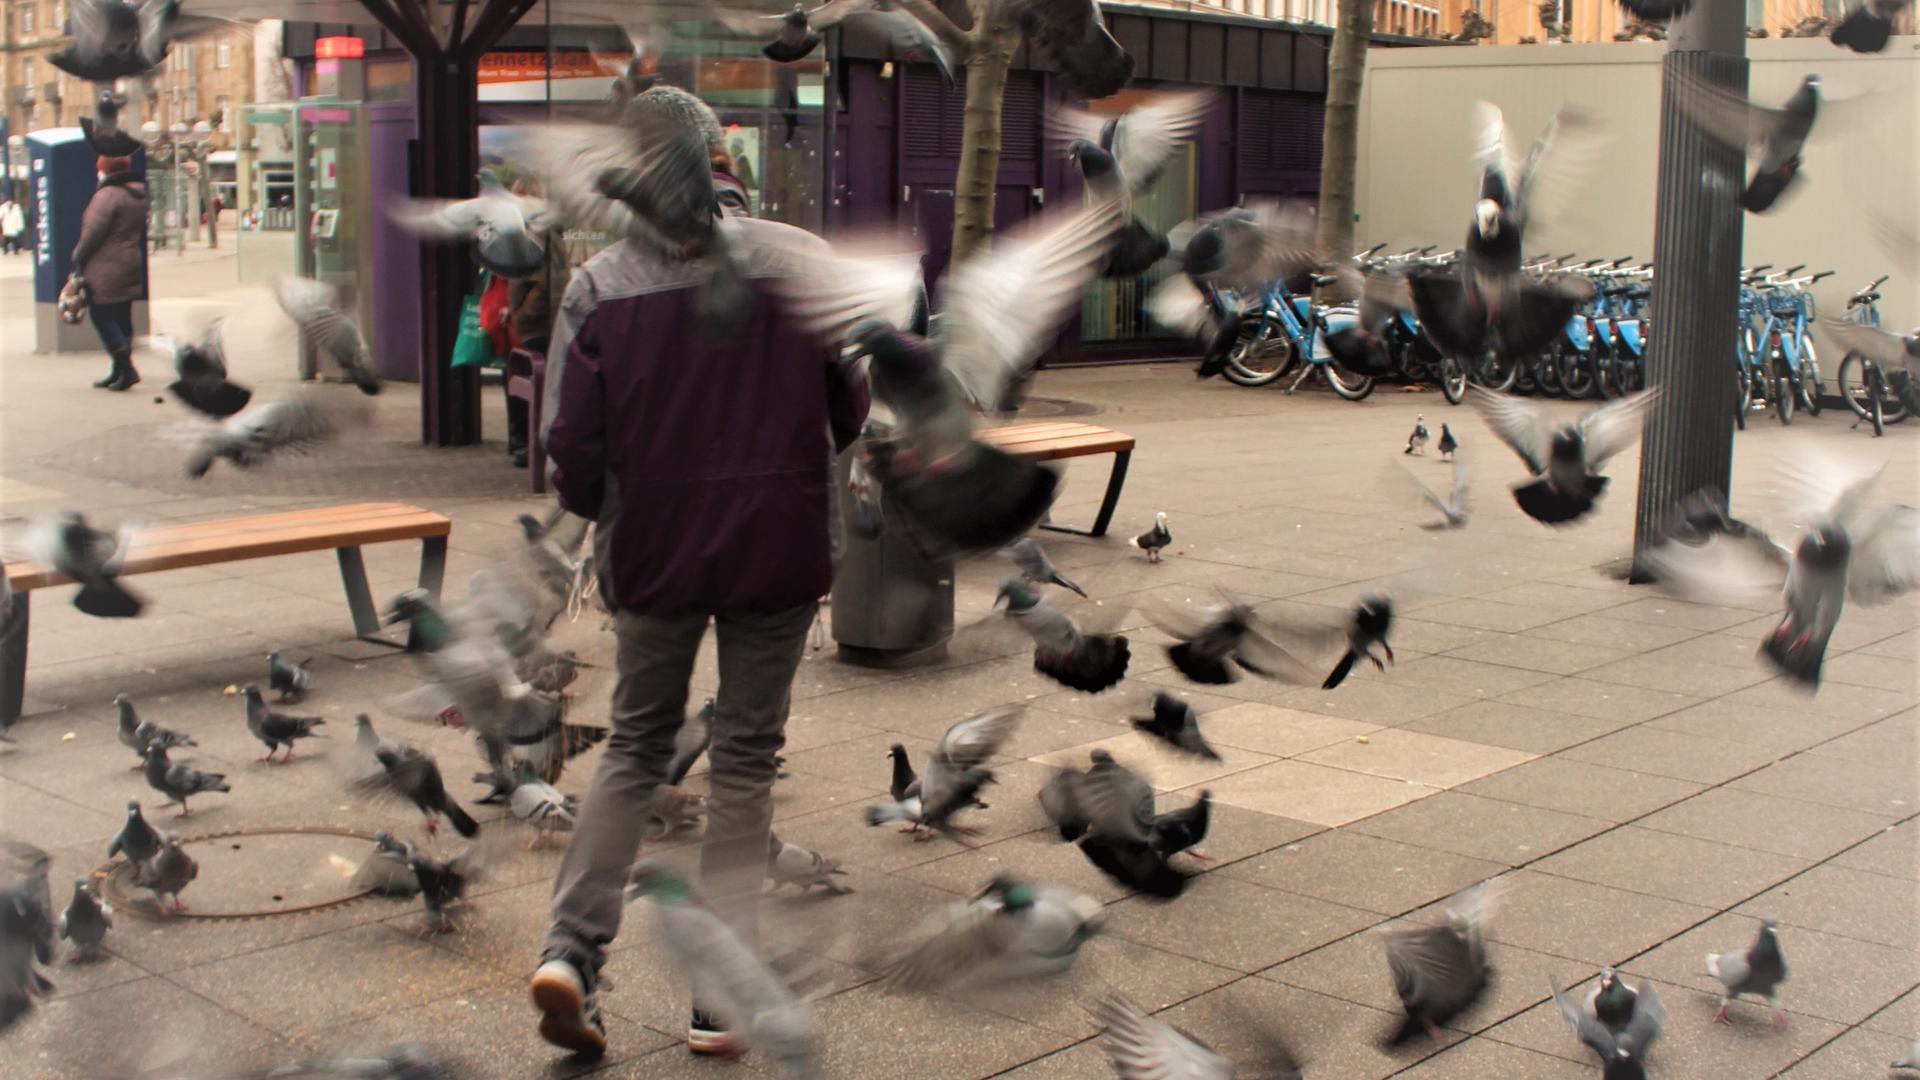 Essen für die Tiere: Besonders im Lockdown hungern die Stadttauben. In Heidelberg und andernorts im Land widersetzen sich Tierschützer dem städtischen Fütterungsverbot.